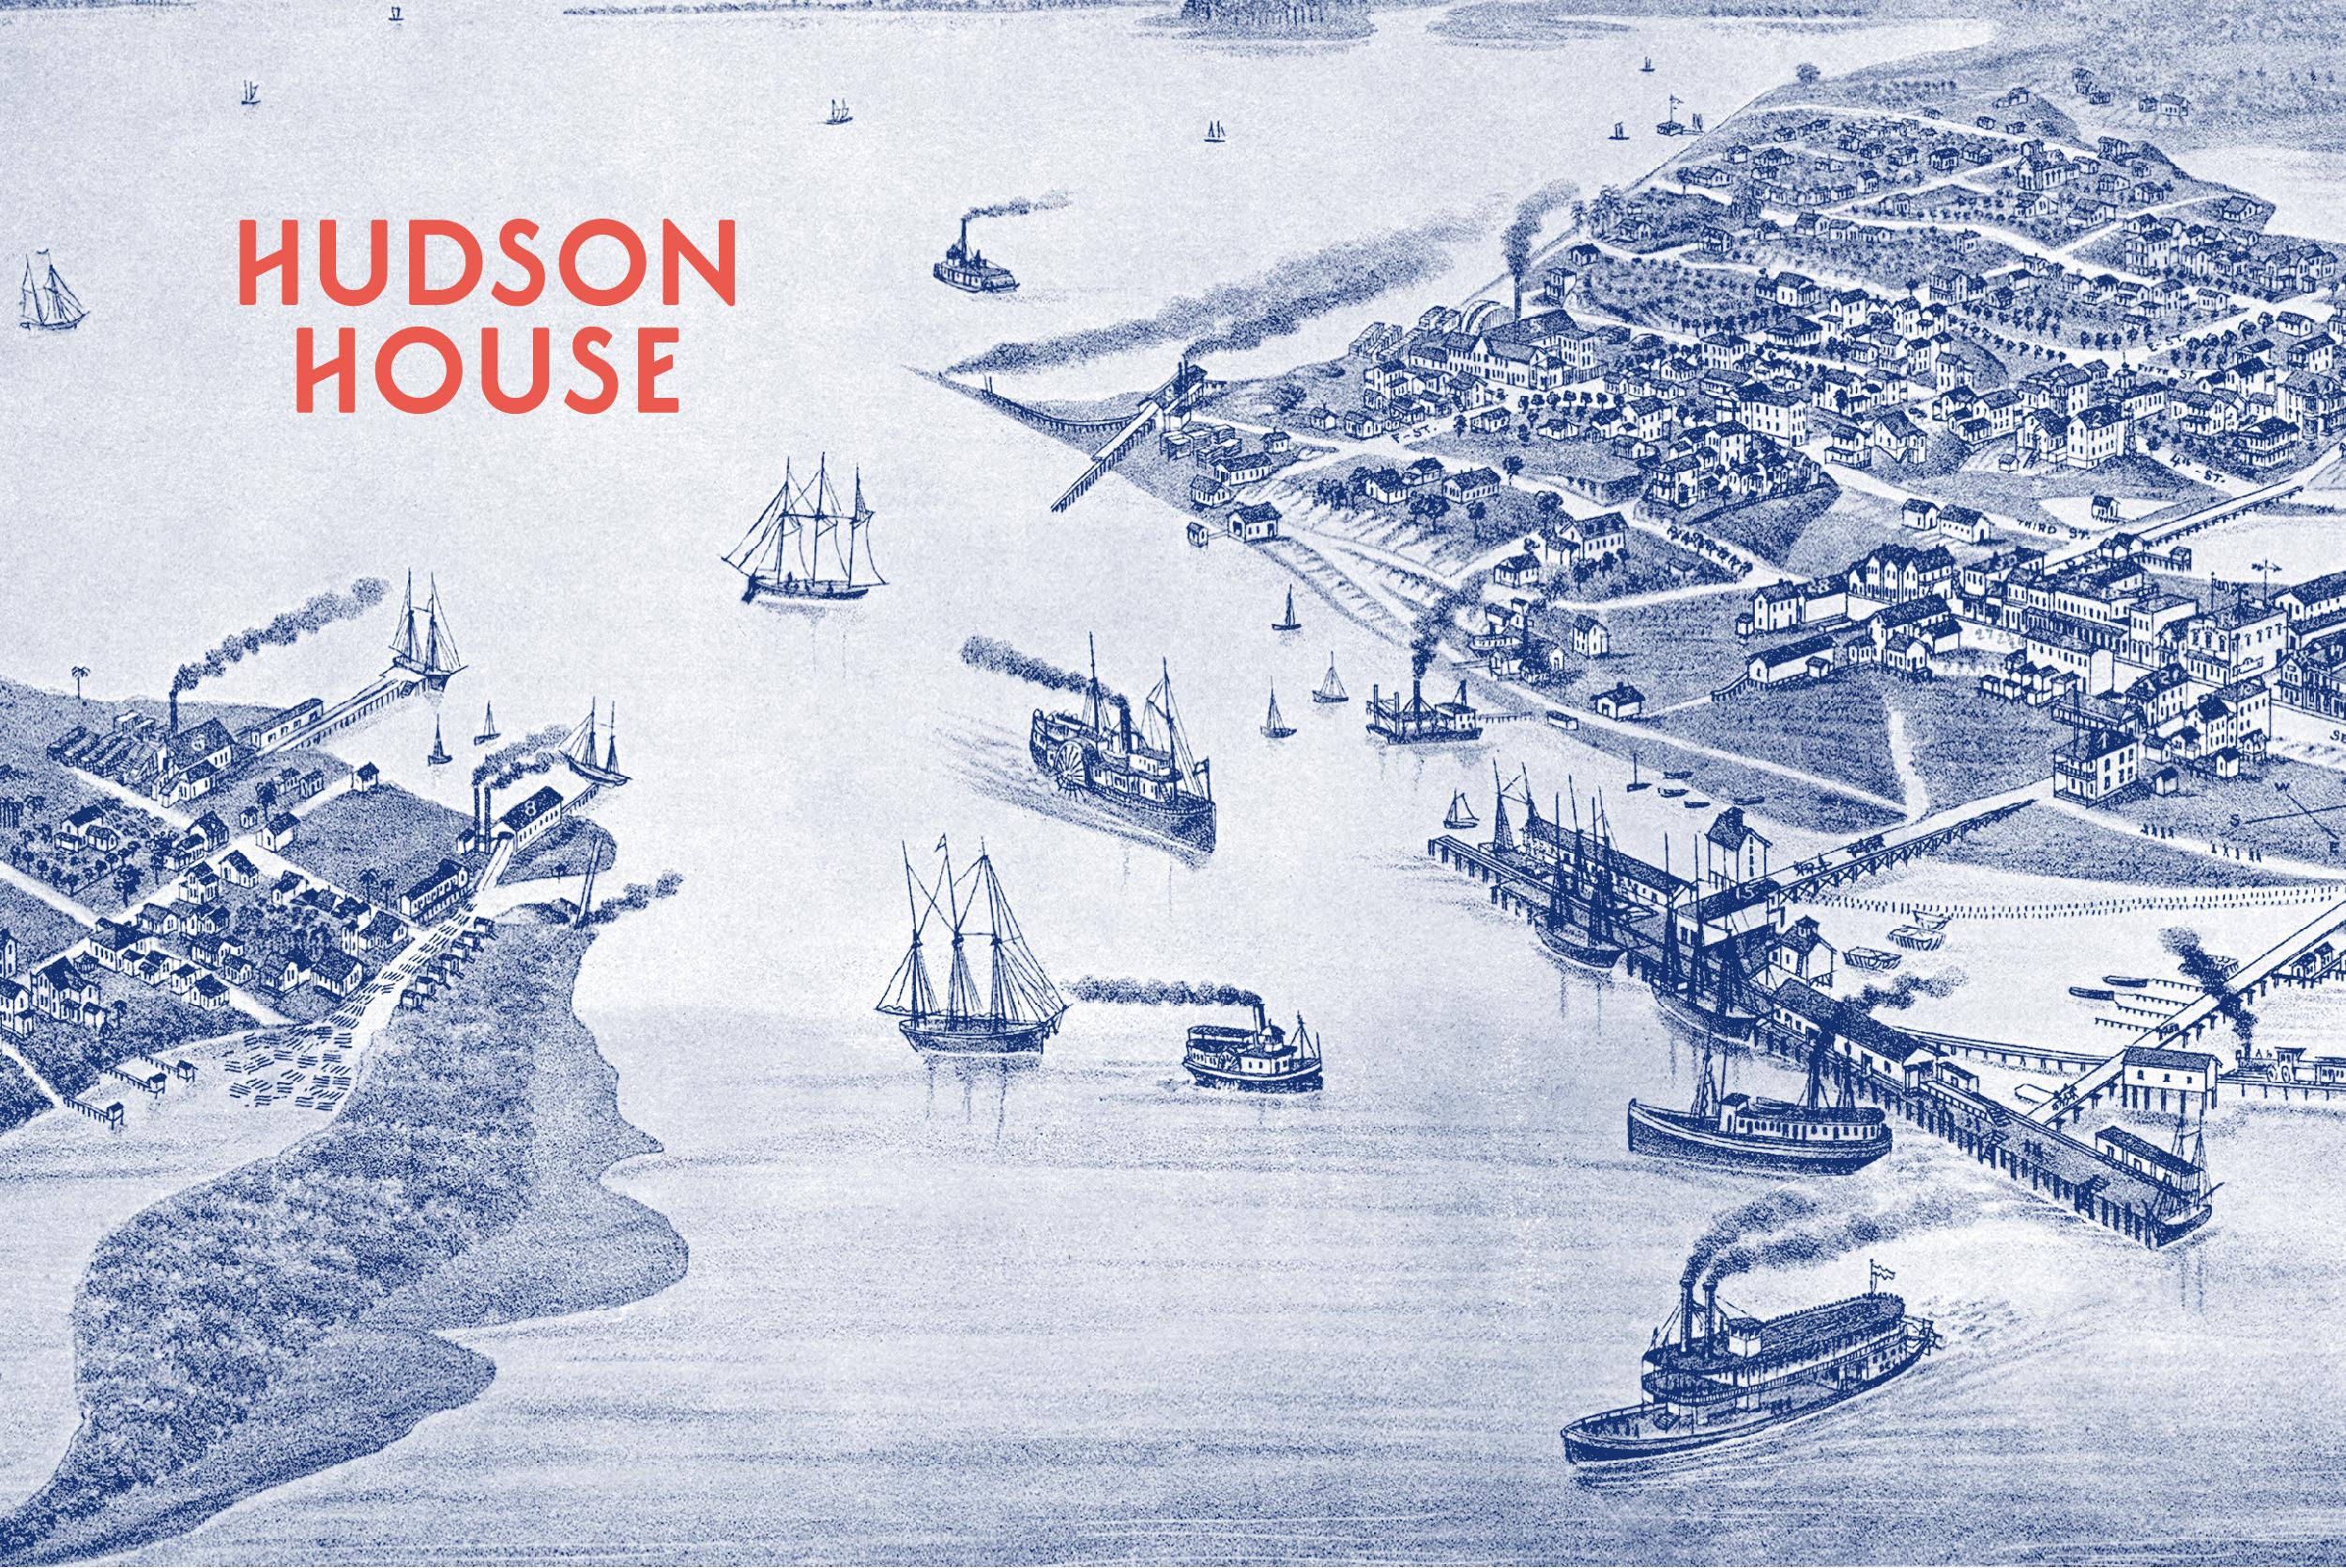 HudsonHouse_11.jpg